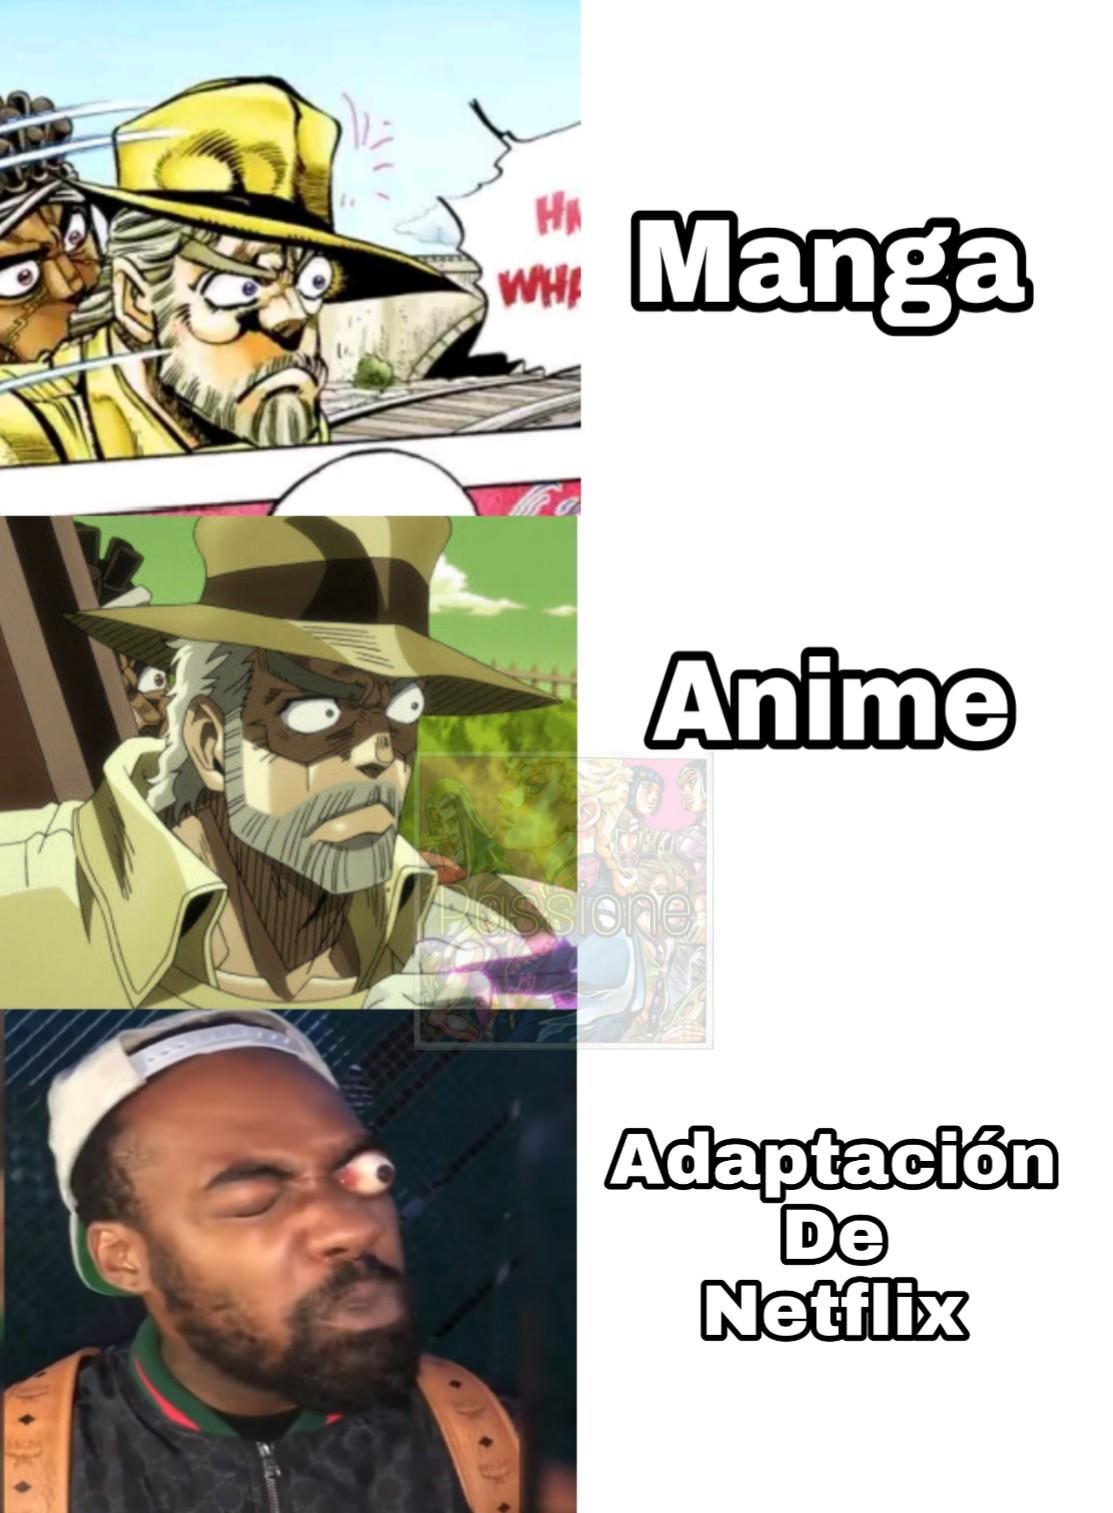 Jojos es de los mejores animes que hay (change my mind.jpg) - meme